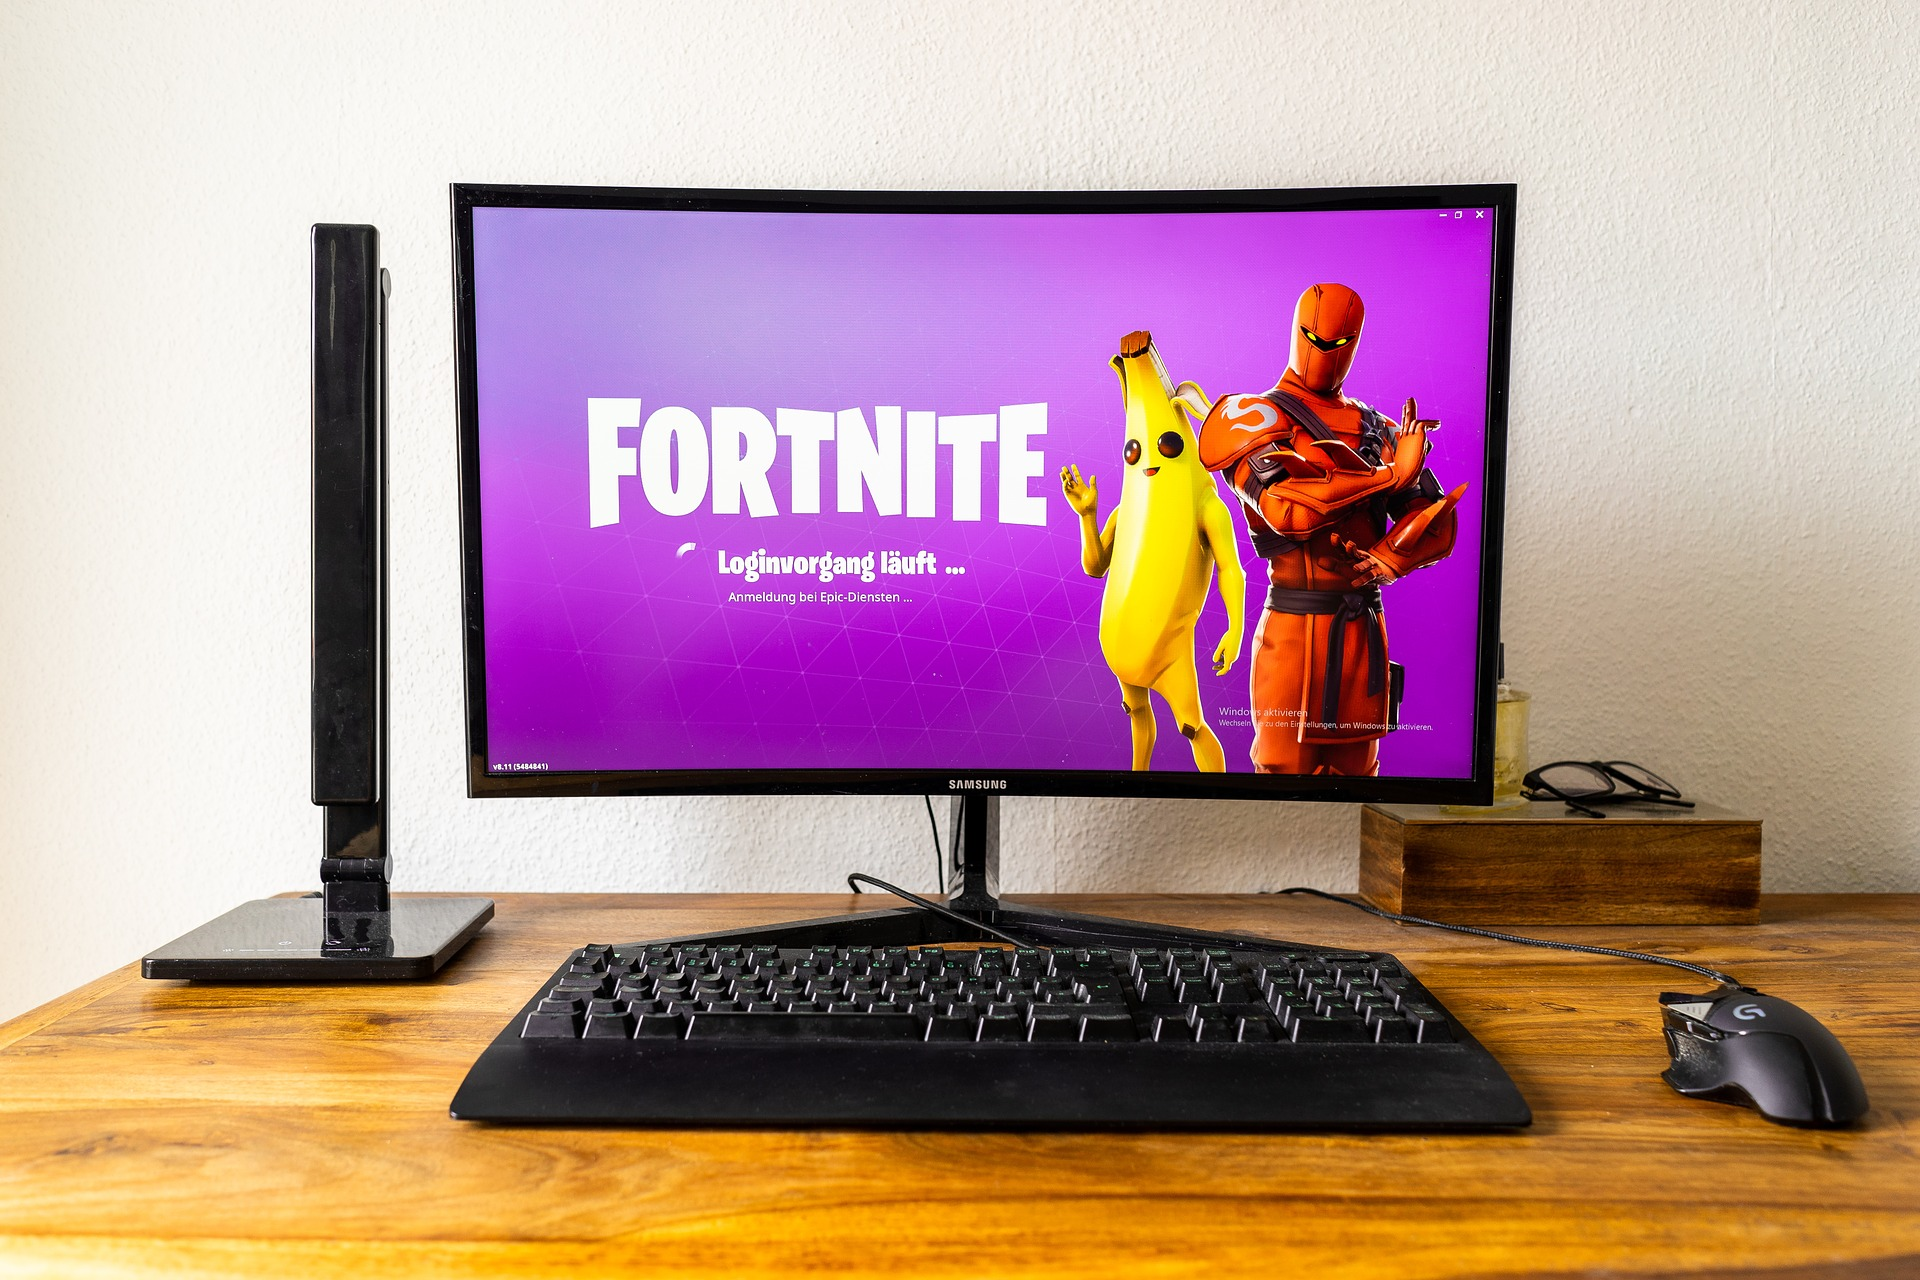 Føniks Computer forhandler både nye og refurbished stationære pc'er i topkvalitet